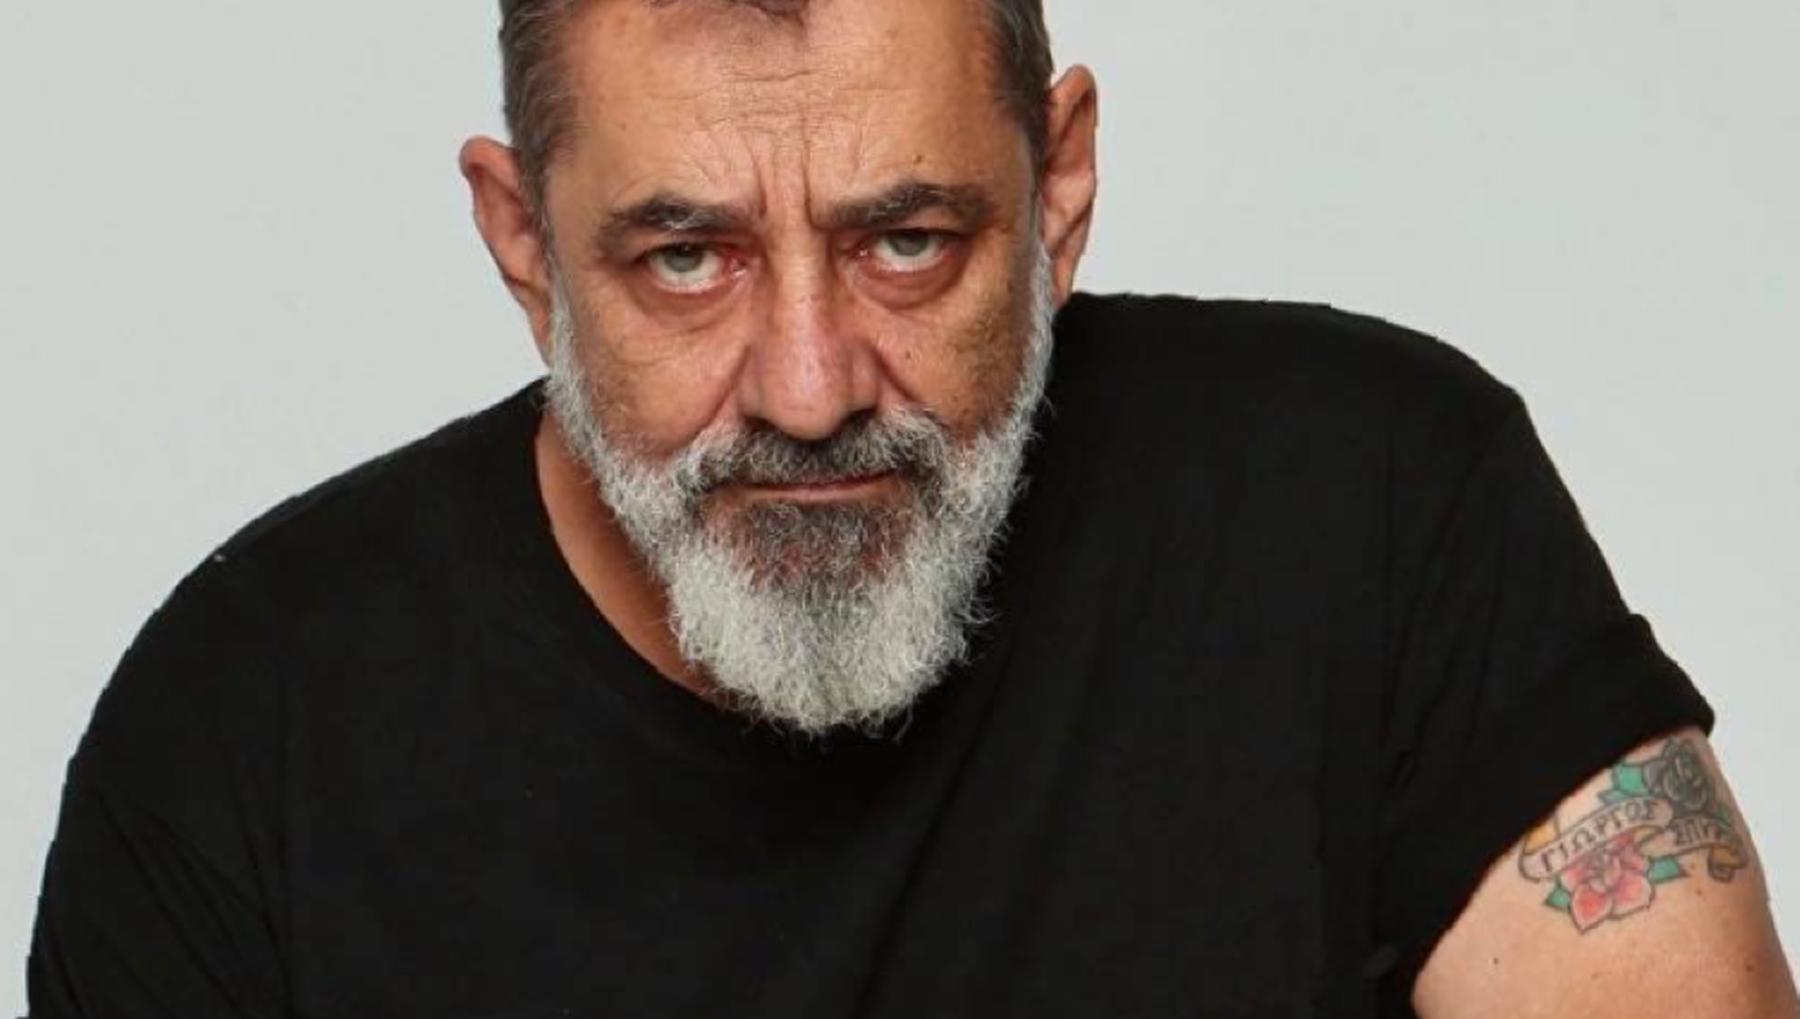 Αντώνης Καφετζόπουλος: «Λίγο πολύ όλοι στο χώρο ξέραμε ποιοι είχαν κακή συμπεριφορά»